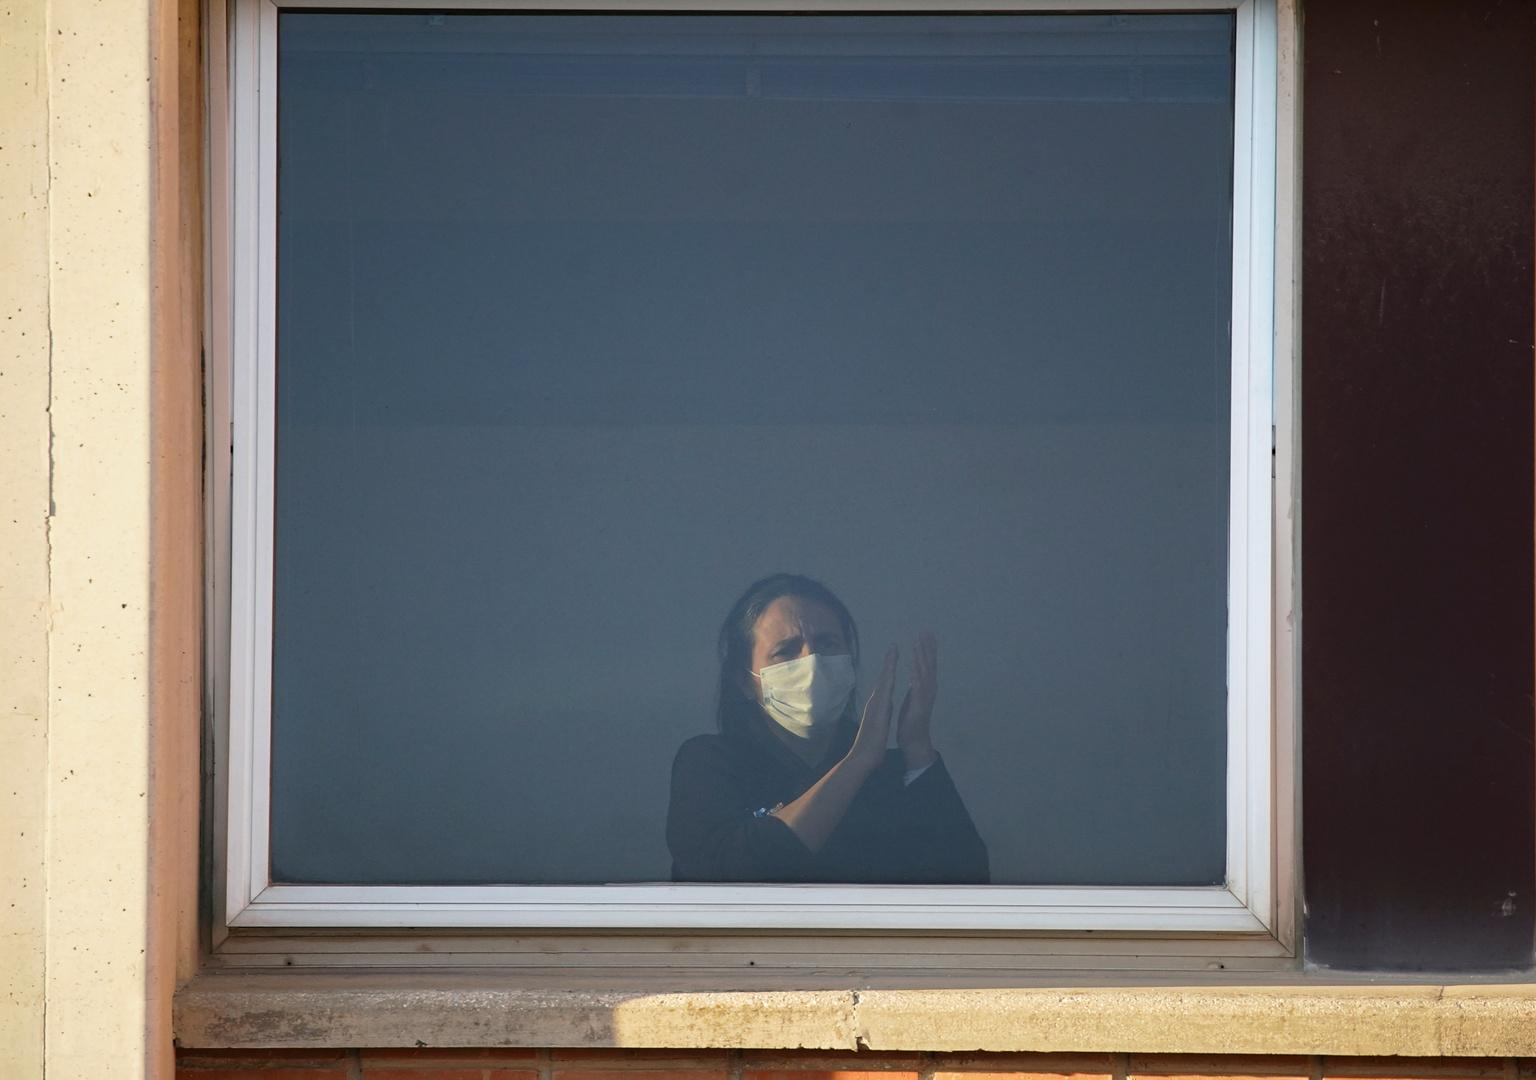 امرأة قيد الحجر الصحي - مدريد